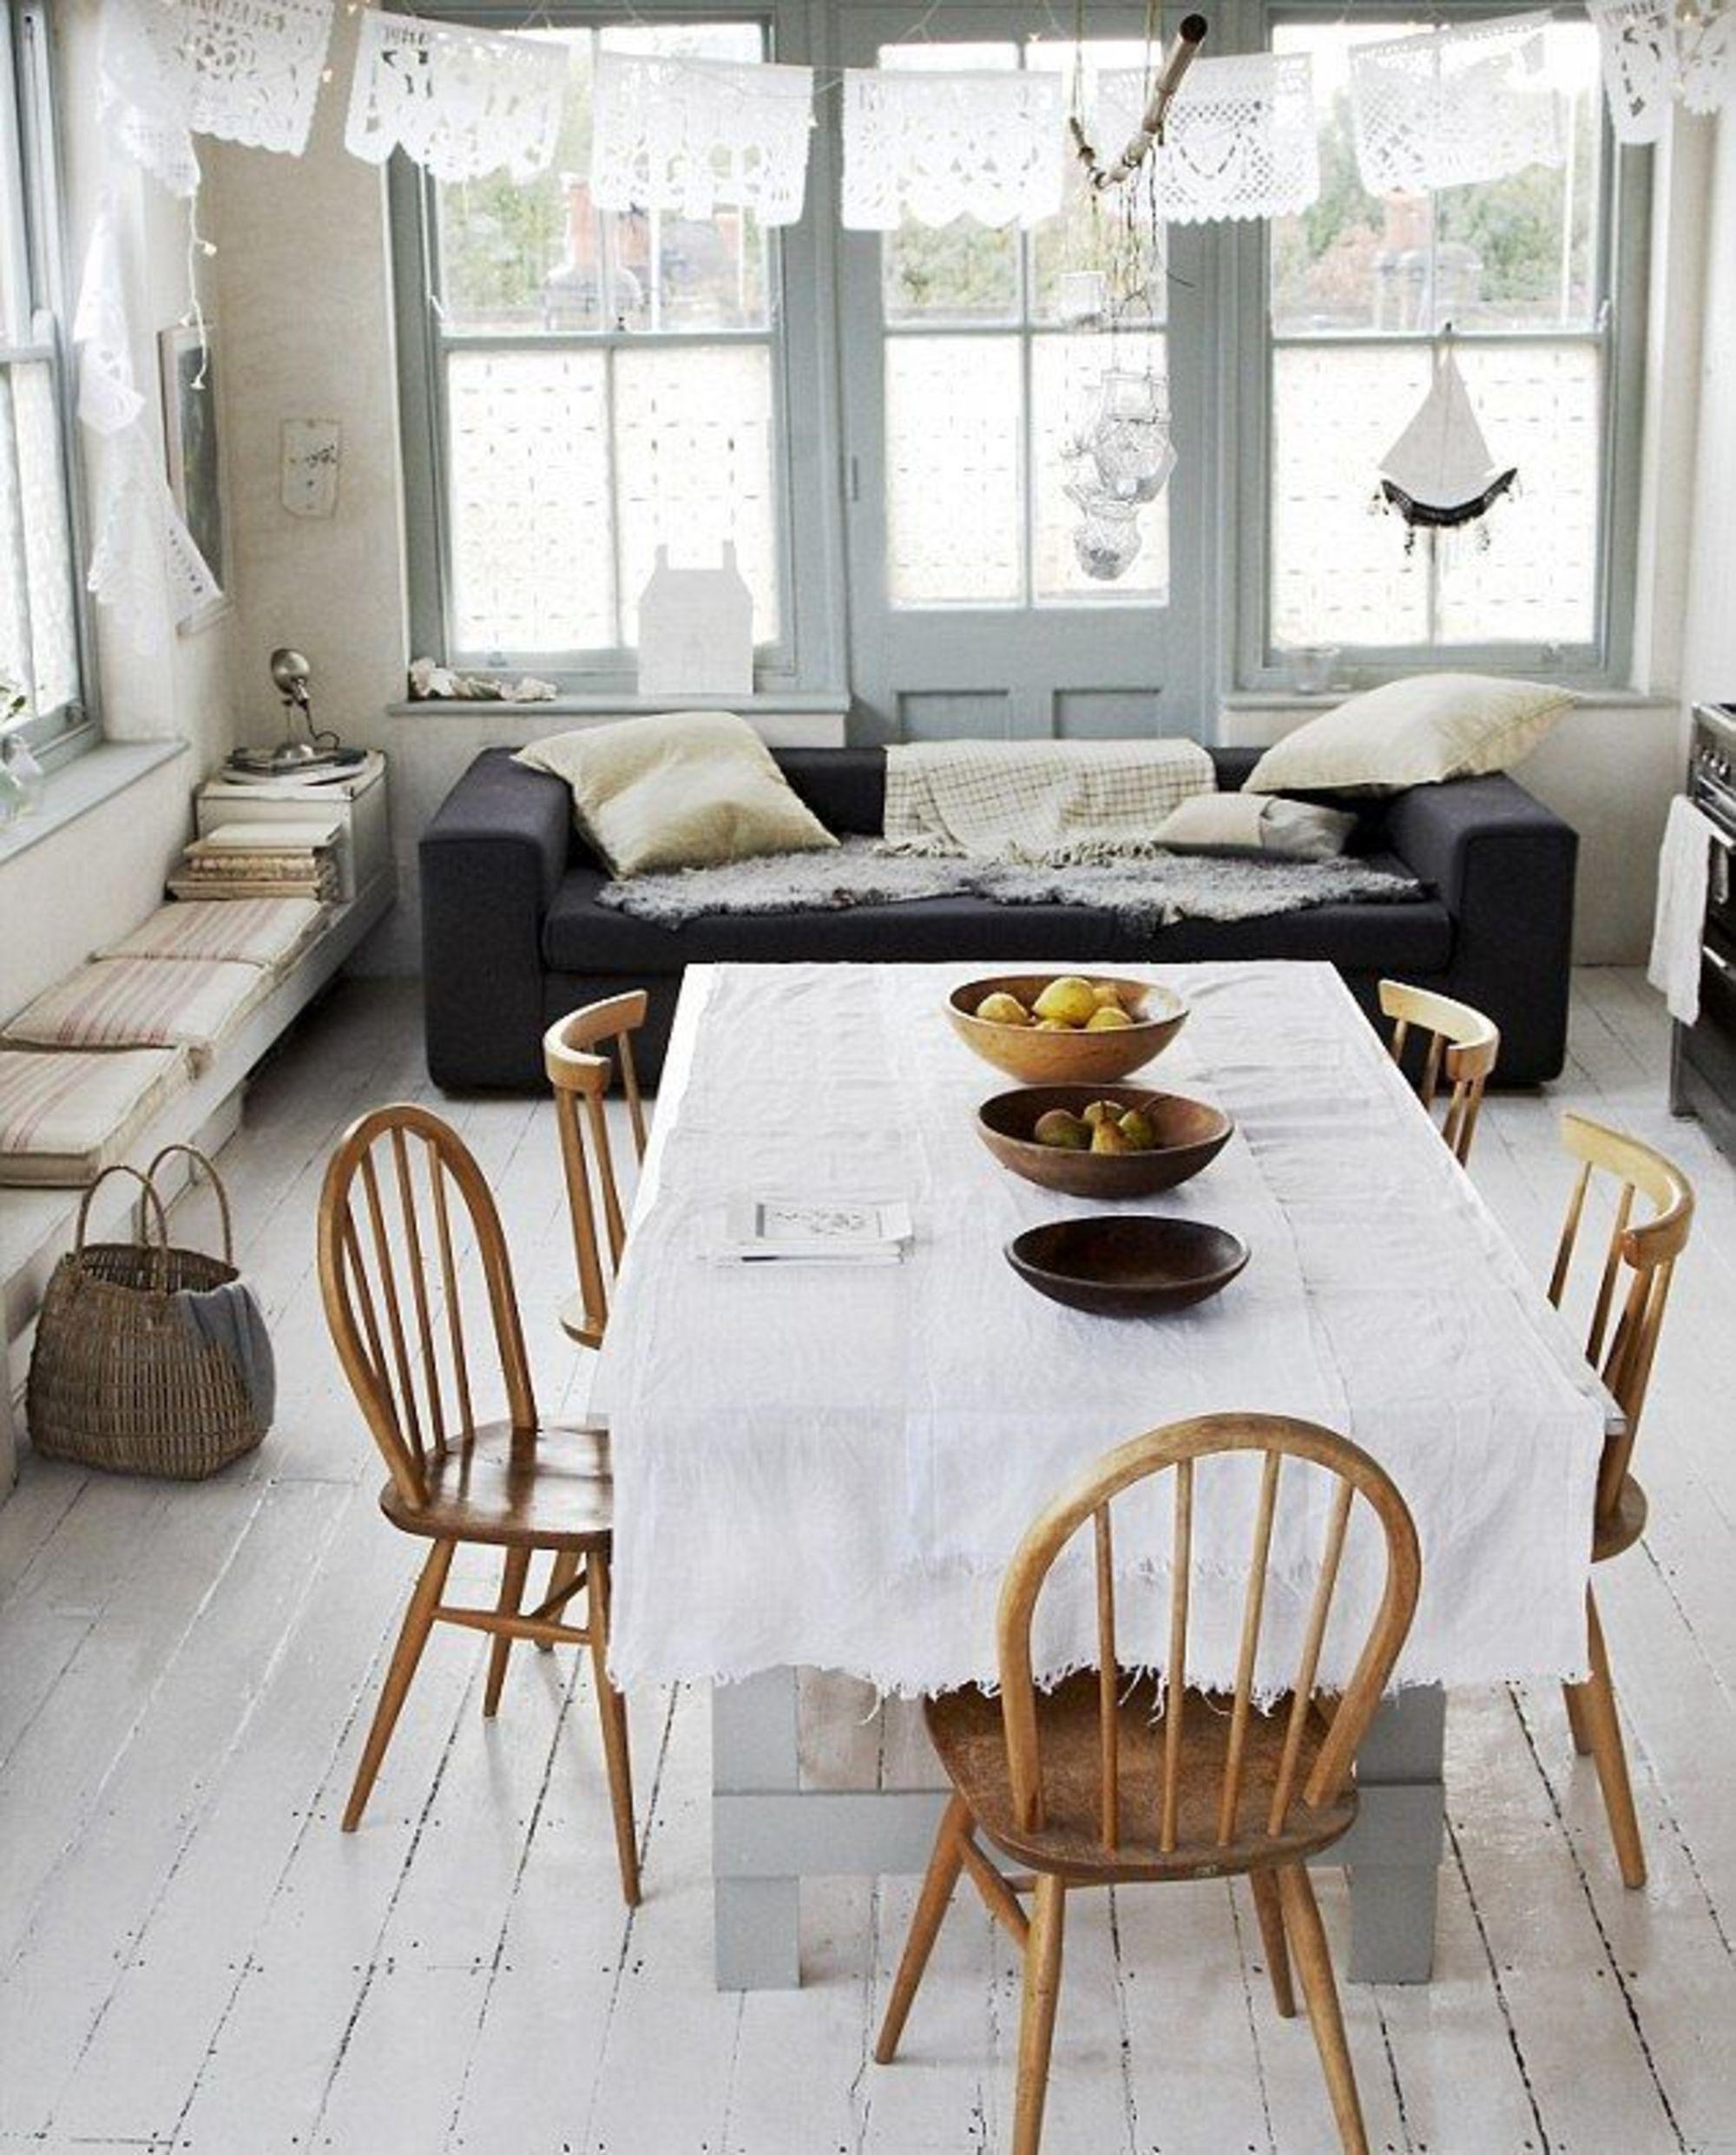 Aménager un salon salle à manger : astuces déco et conseils | Amenagement salle à manger ...